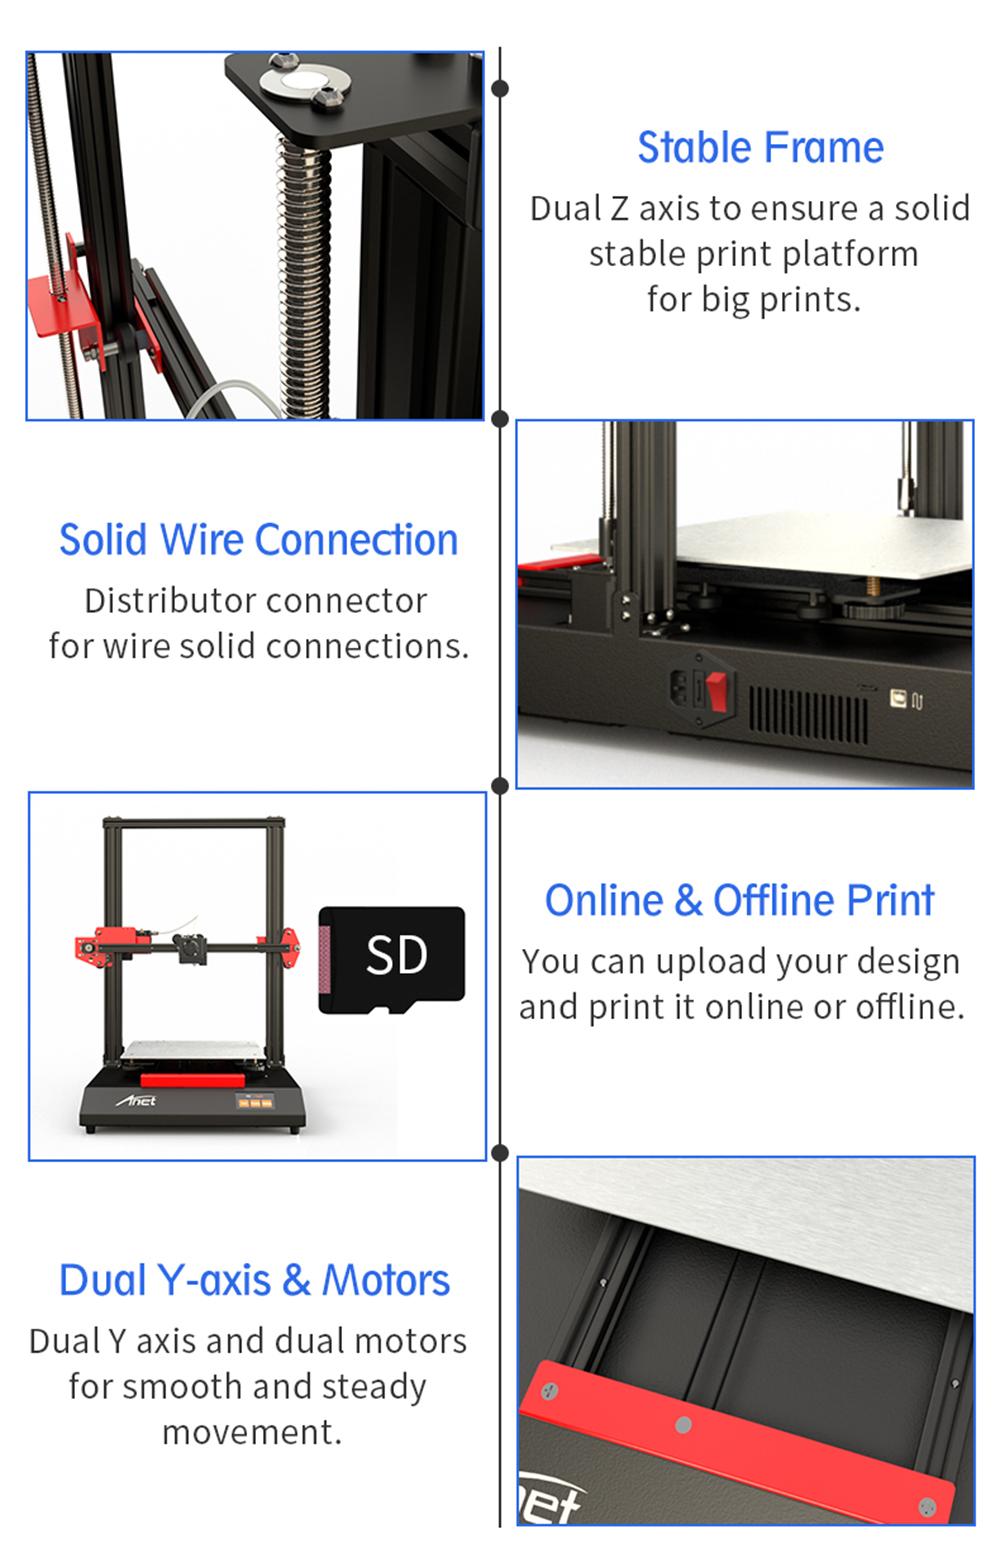 Anet ET5 3D-Drucker Bausatz - 300x300x400mm - Stabiler Rahmen - Solider Anschluss - Online und Offline Druck - Duale Y-Achse